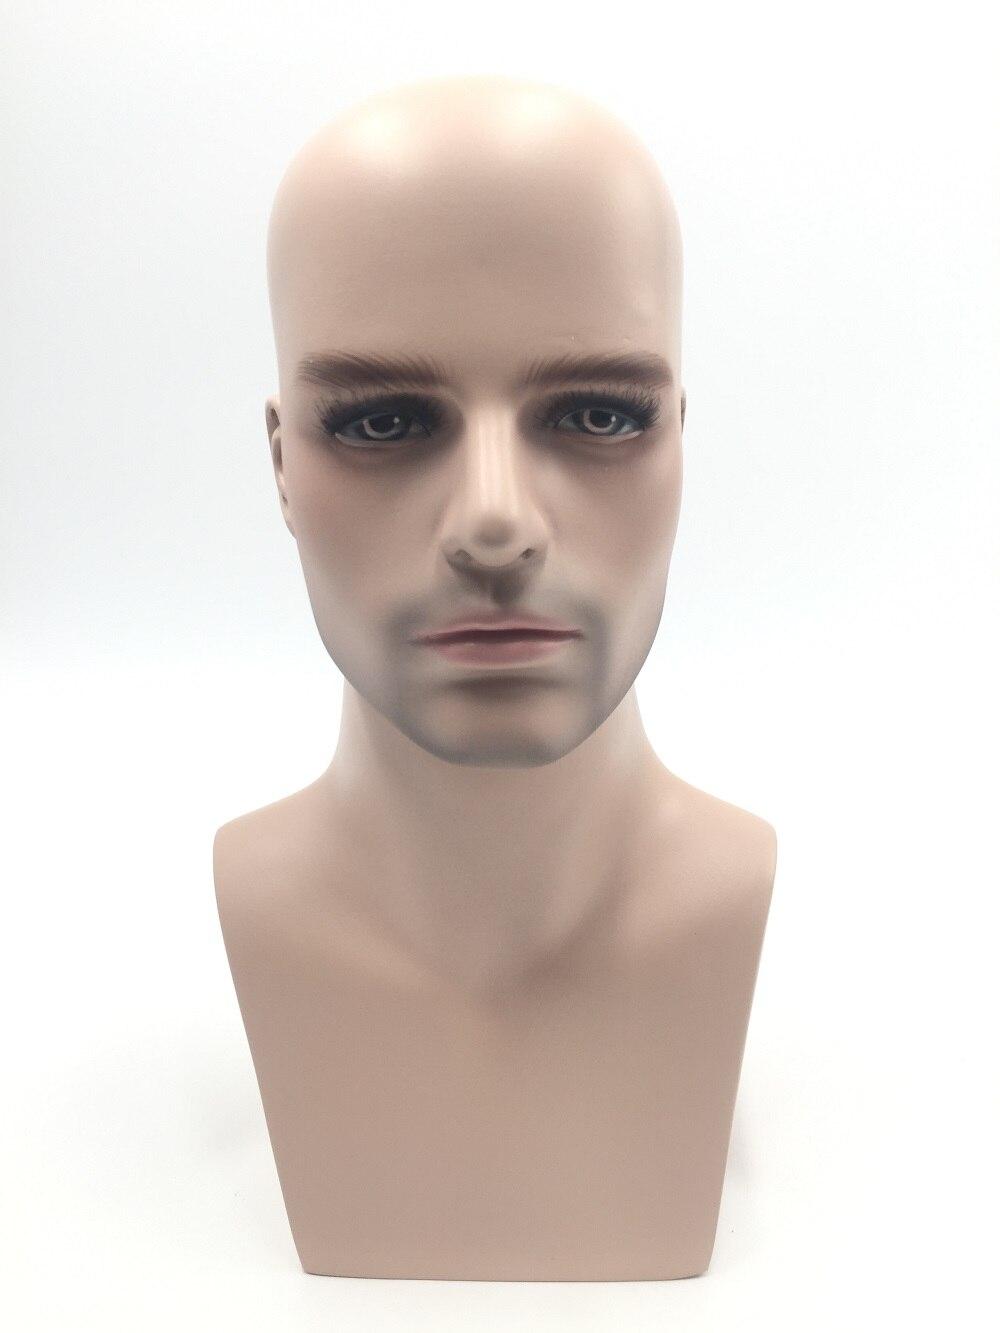 Cammitever стекловолокна манекен головы для Искусственные парики Солнцезащитные очки для женщин маска кукла Дисплей косметологии шляпа манеке